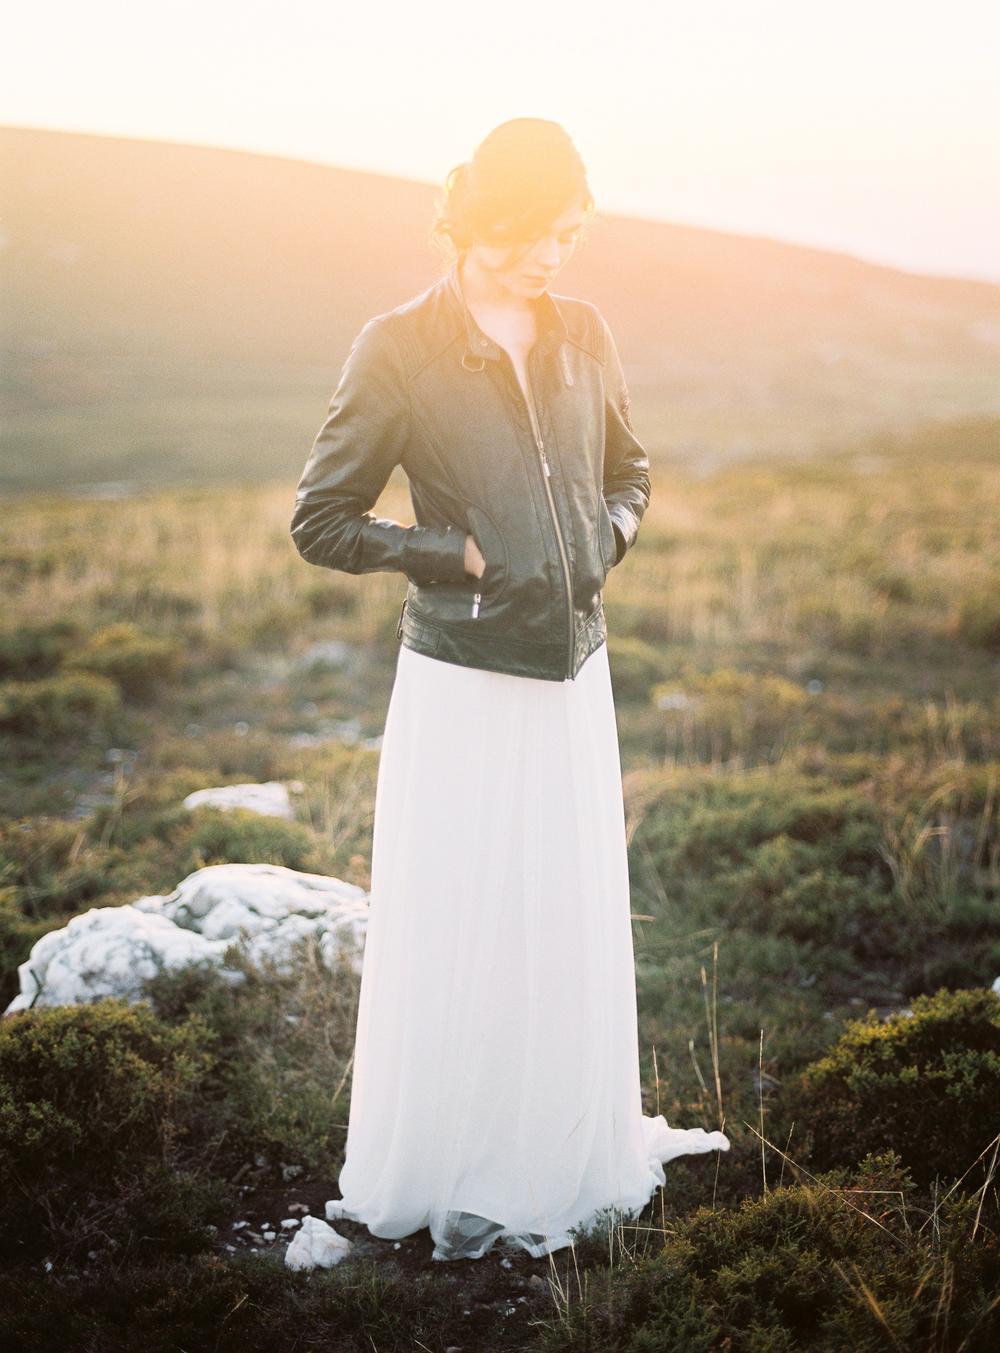 Rock n roll bride - Rembo Styling - ©Celine Chhuon